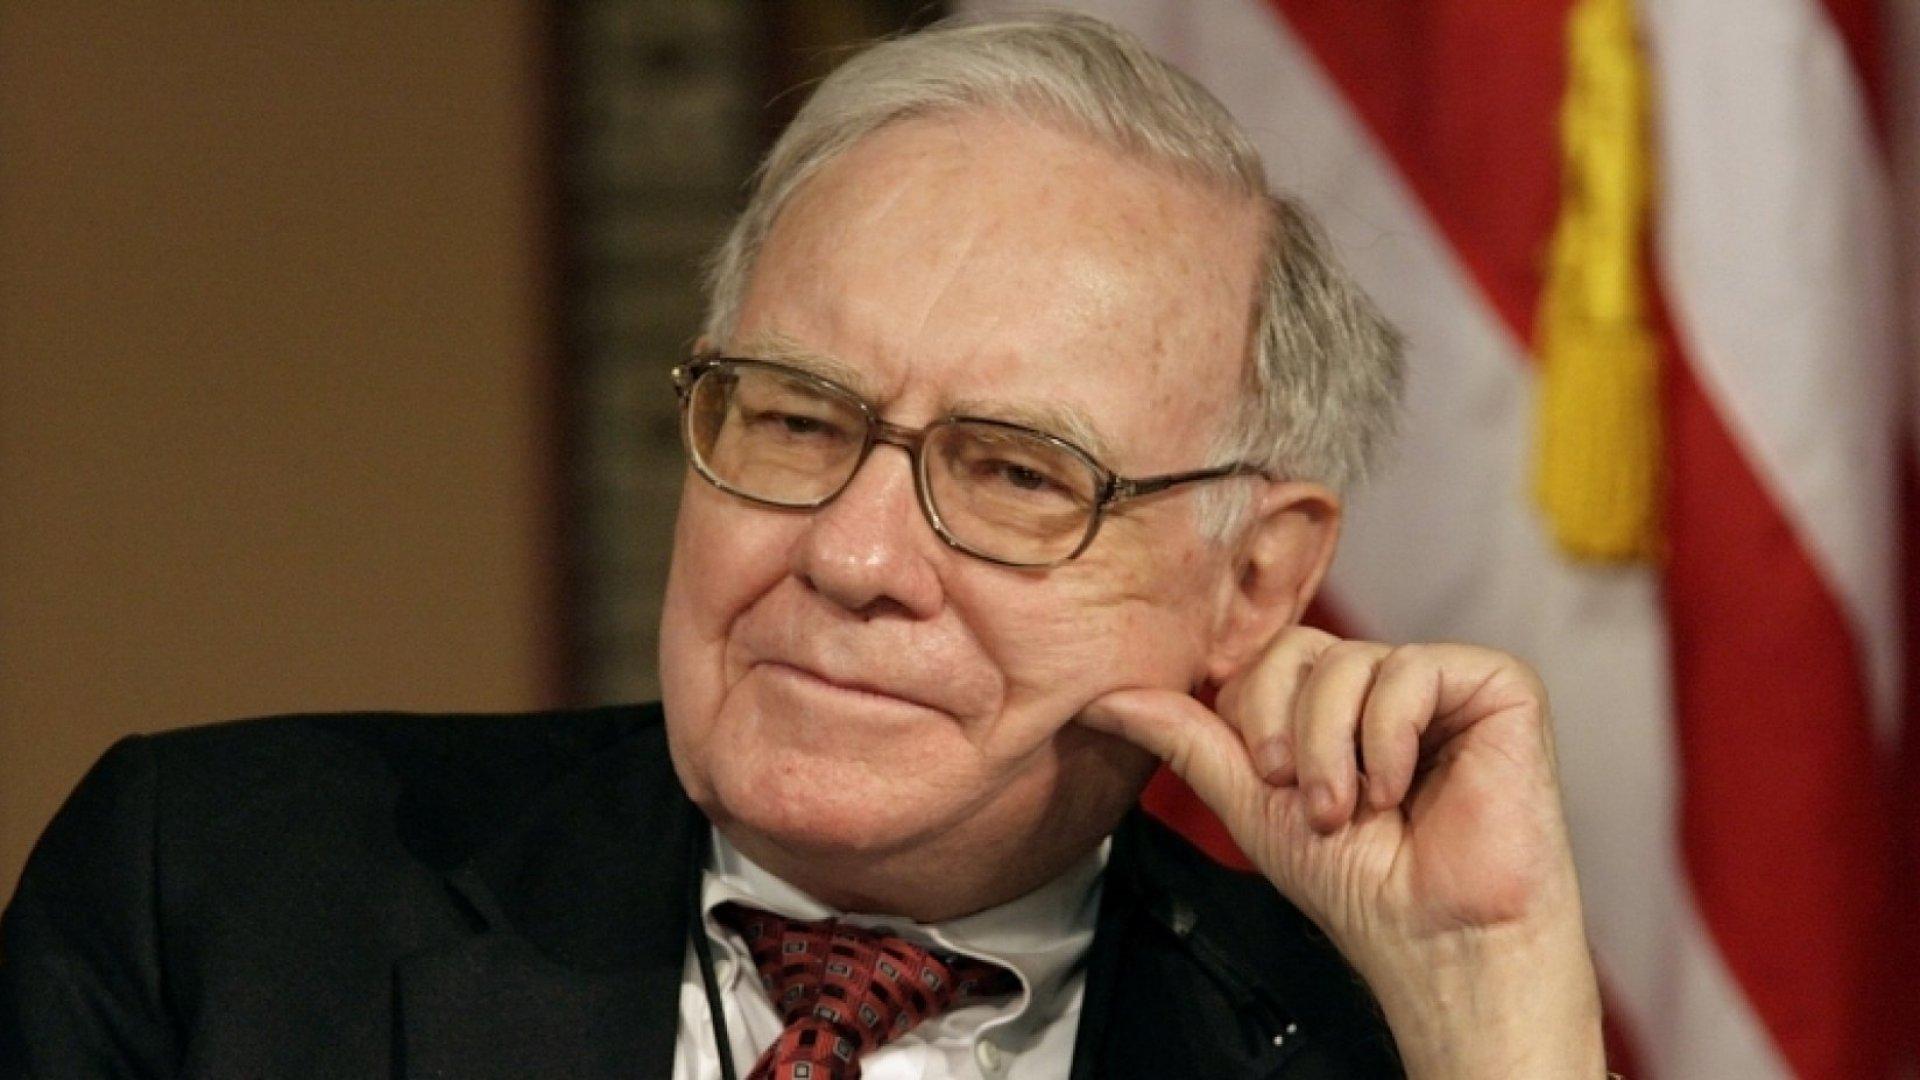 Warren Buffett's Surprising Secret for Success and Happiness